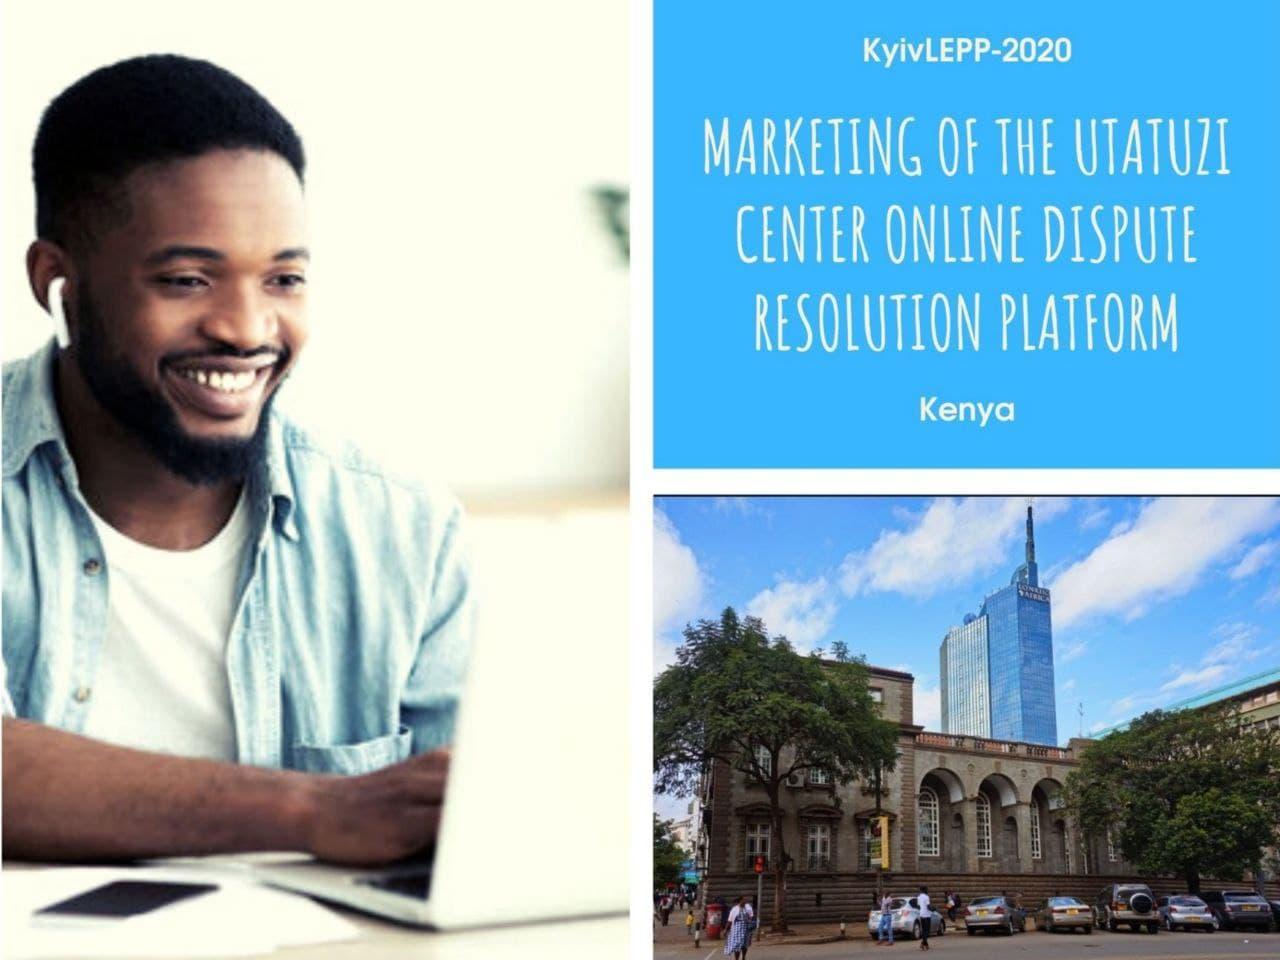 Онлайн-платформу для досудового вирішення спорів створили і популяризують в Кенії випускники KyivLEPP-2020